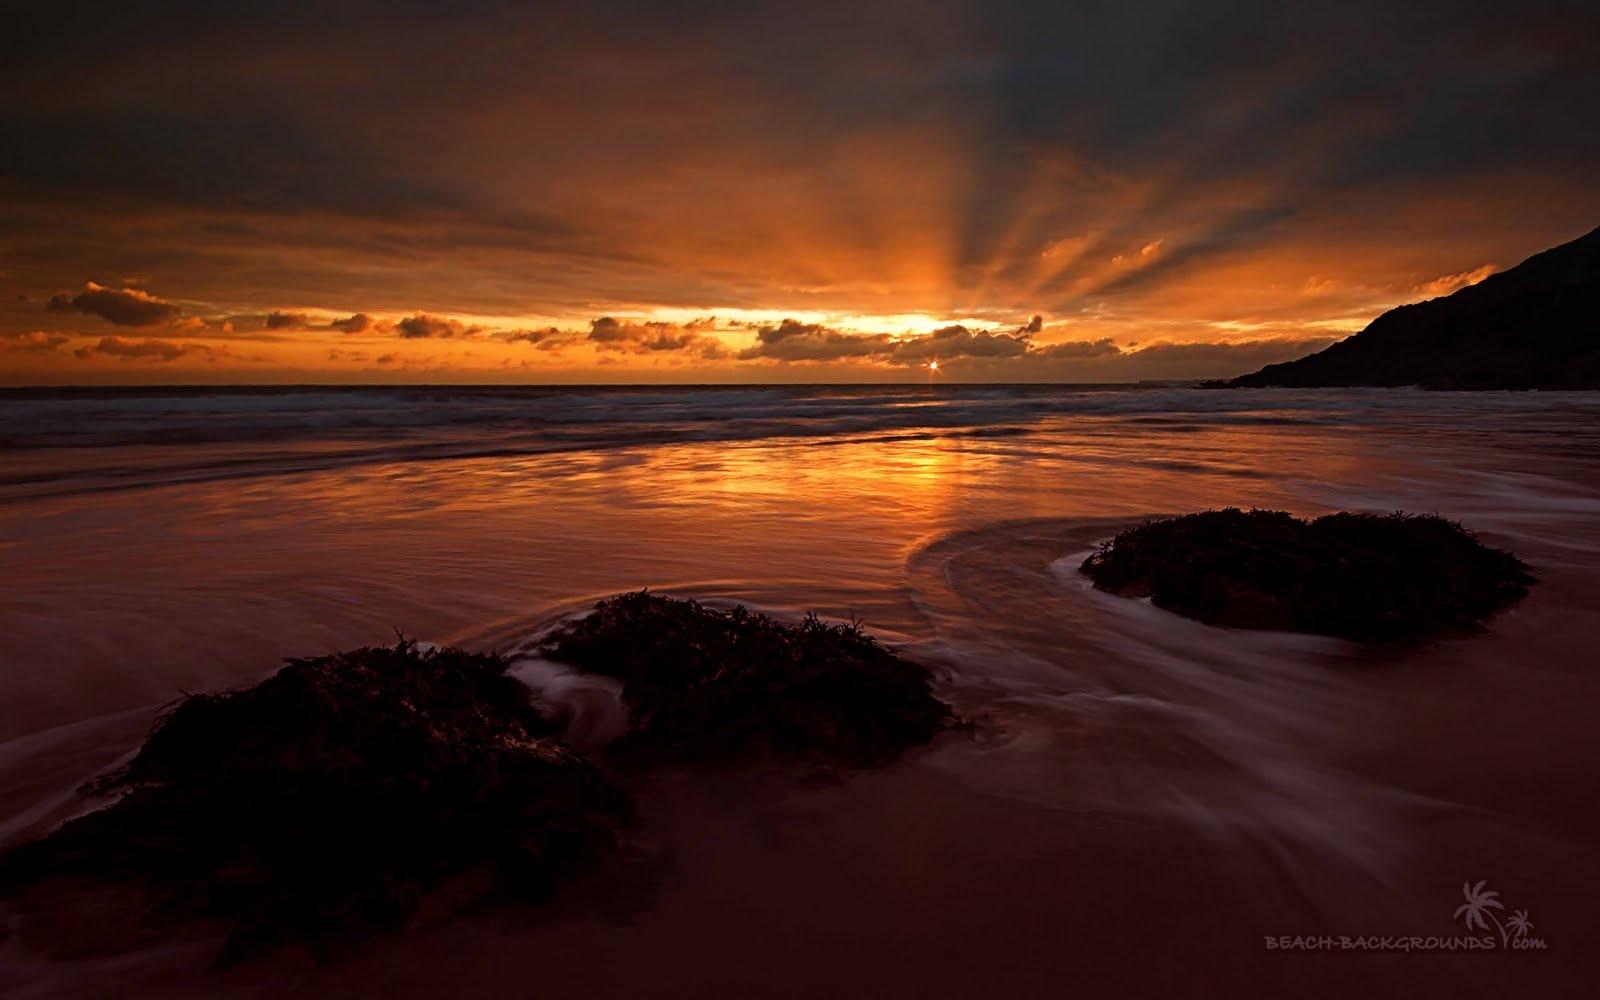 Ocean sunset wallpaper ~ HD Desktop Backgrounds